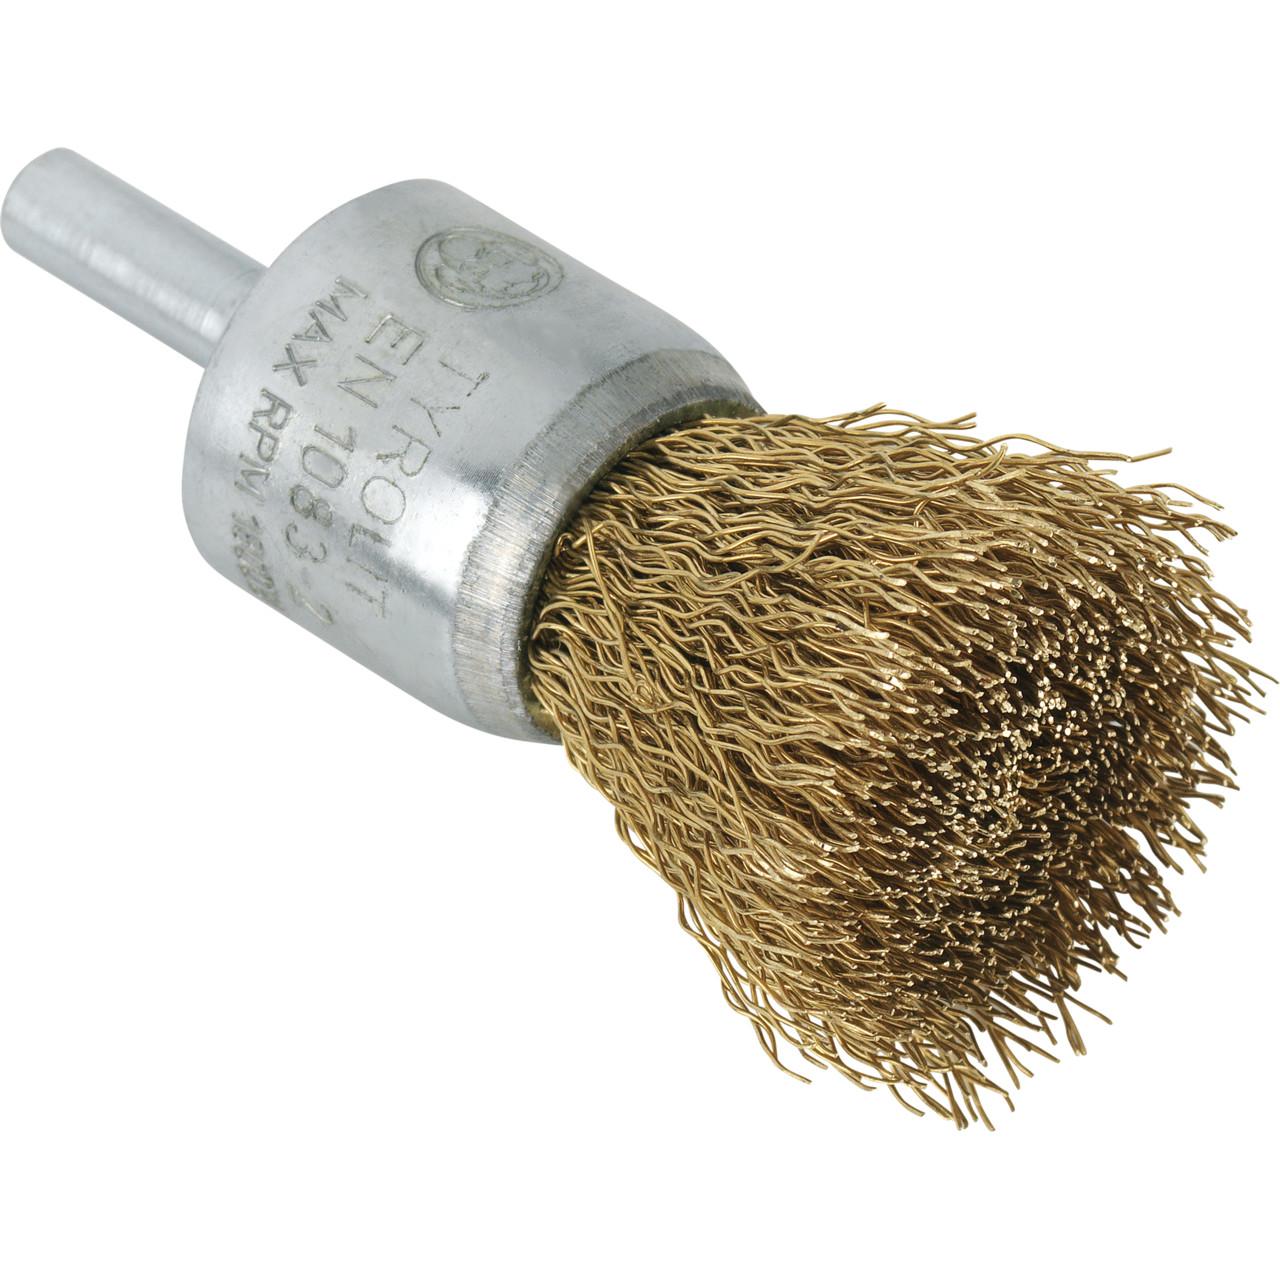 Immagine di Spazzole a pennello PREMIUM*** per metalli non ferrosi